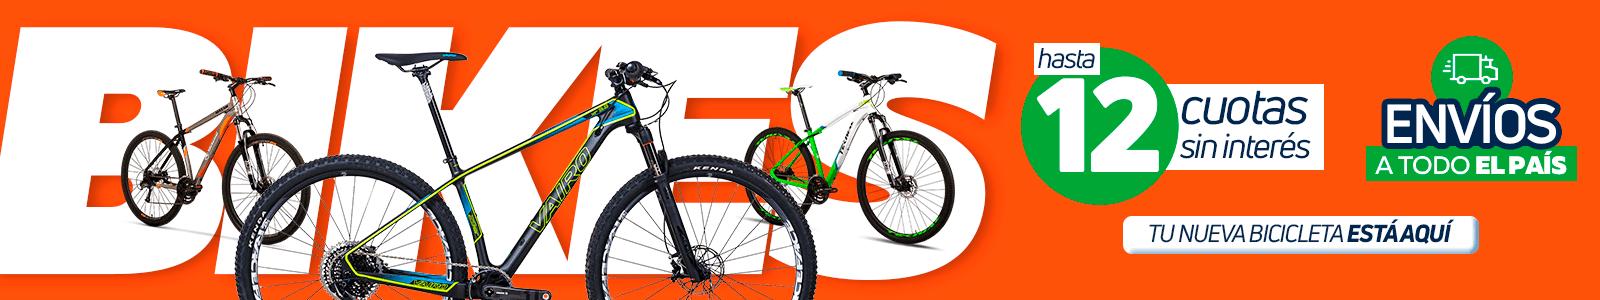 mainbanner-bikes